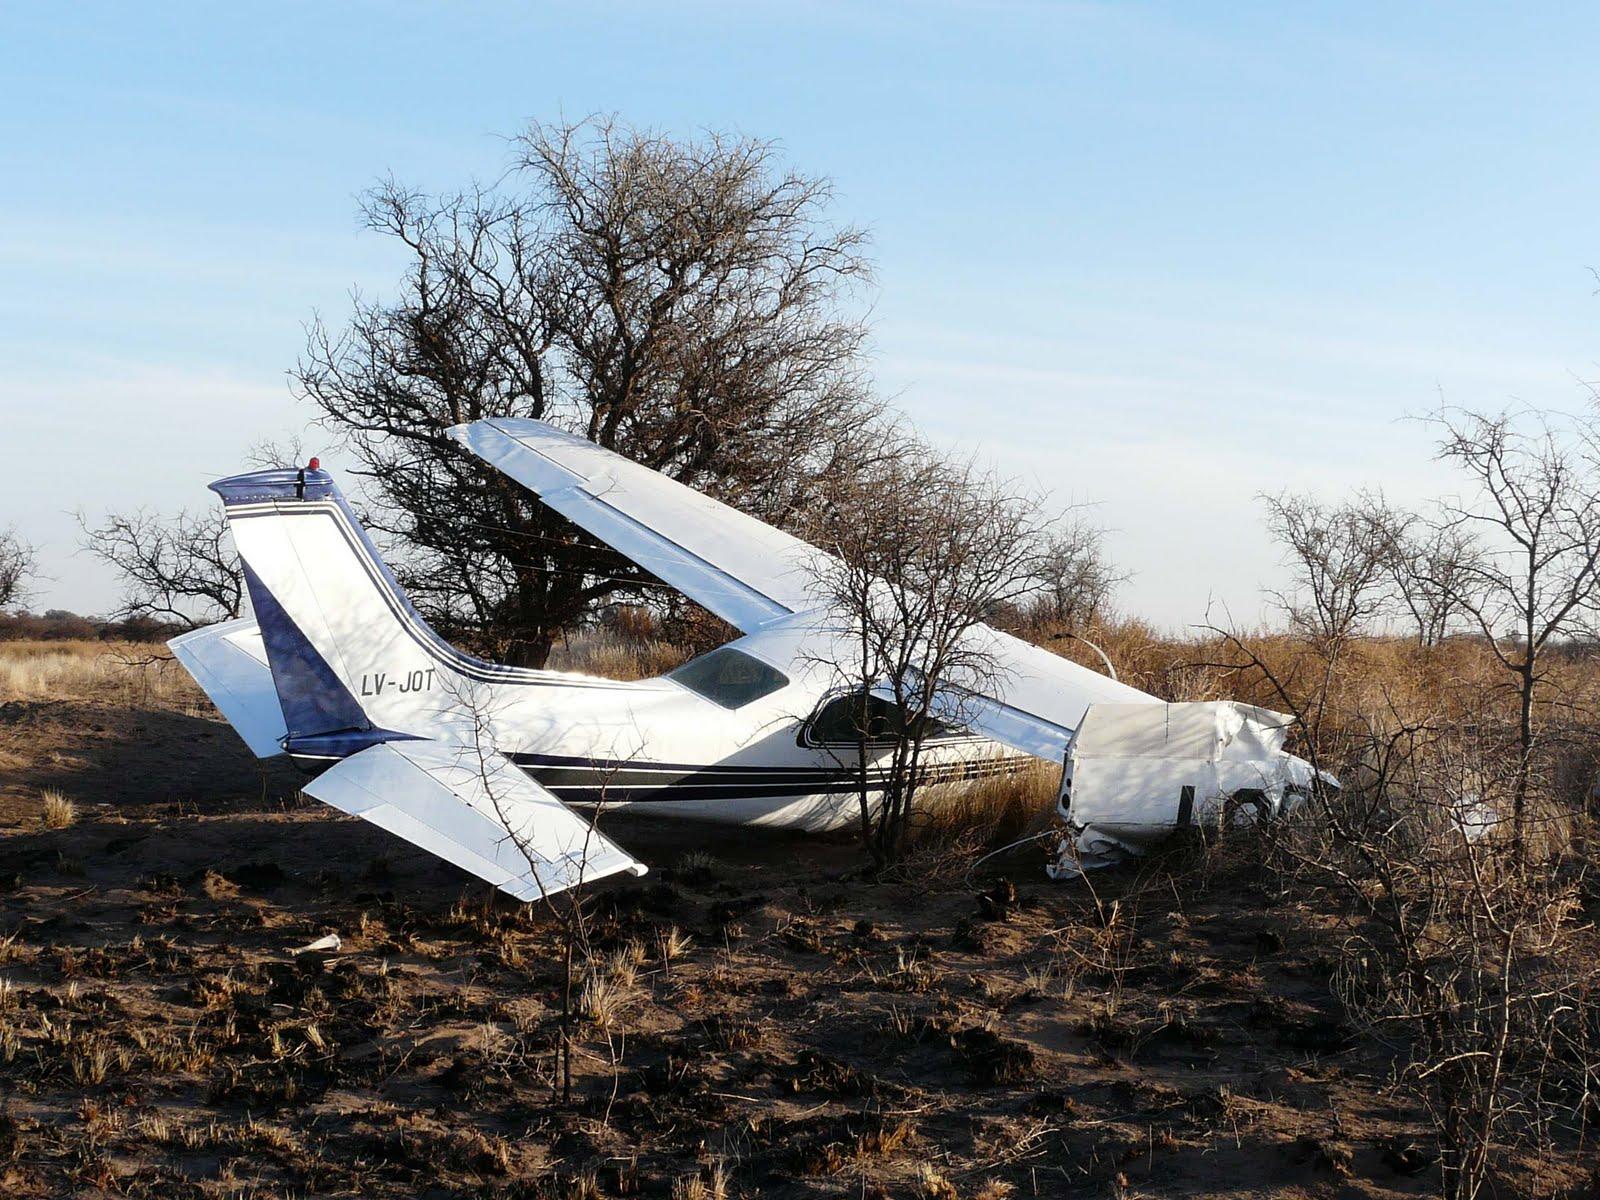 un accidente aéreo en el aeródromo sin servicios de tránsito aéreo ...